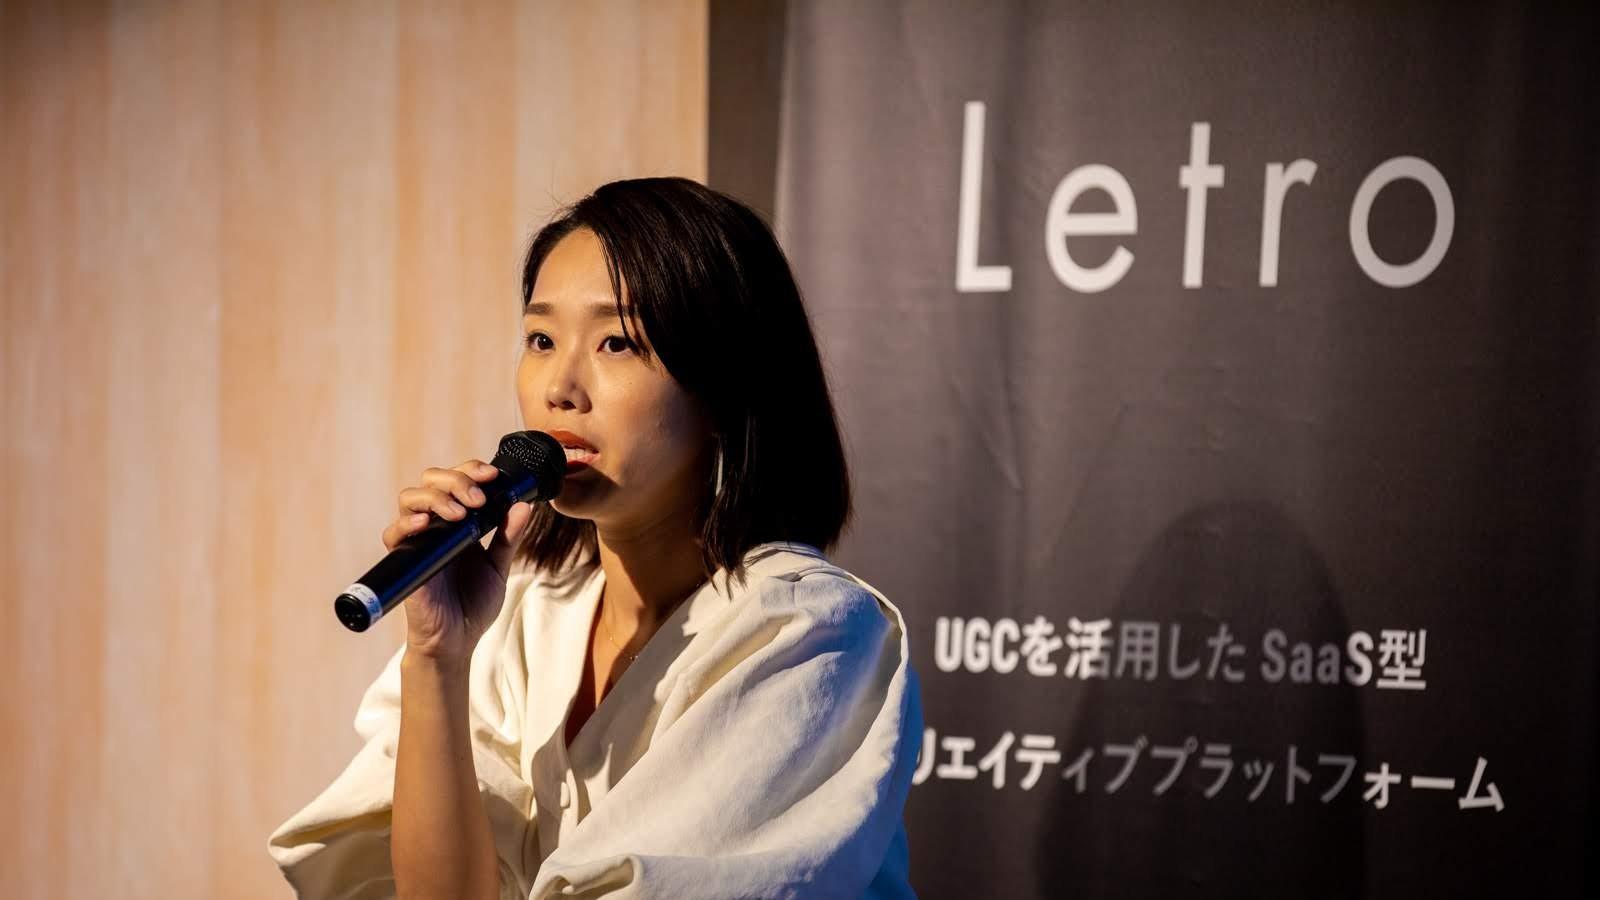 キリンホールディングス株式会社 加藤 美侑氏 UGCセミナー